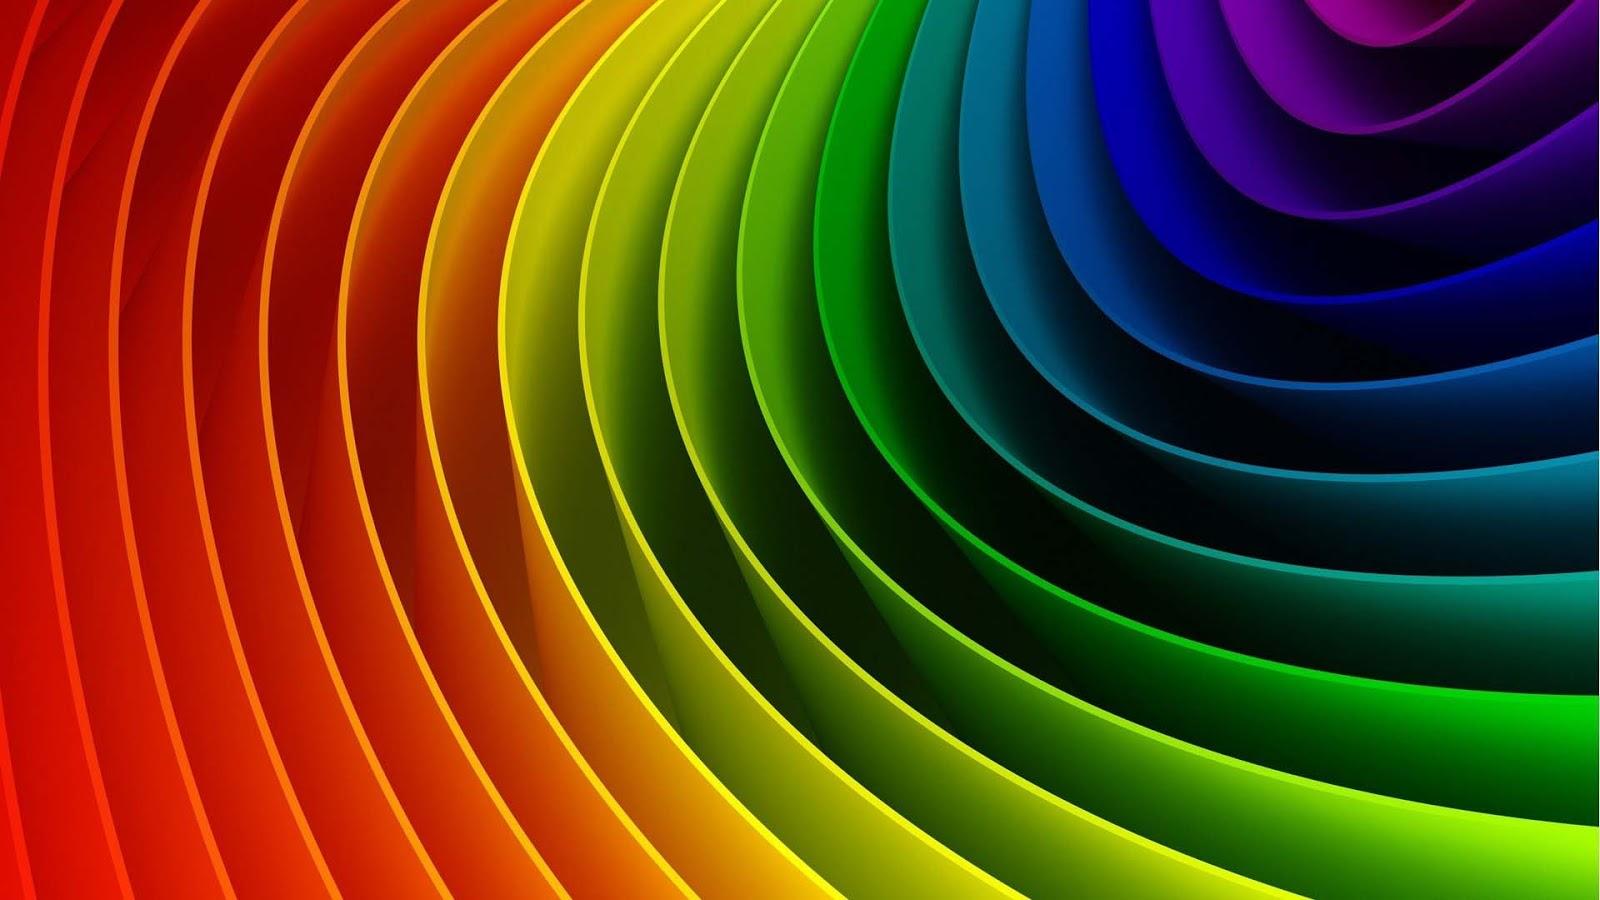 Abstract Desktop Hd Ipad Wallpaper Retina Wallpaper